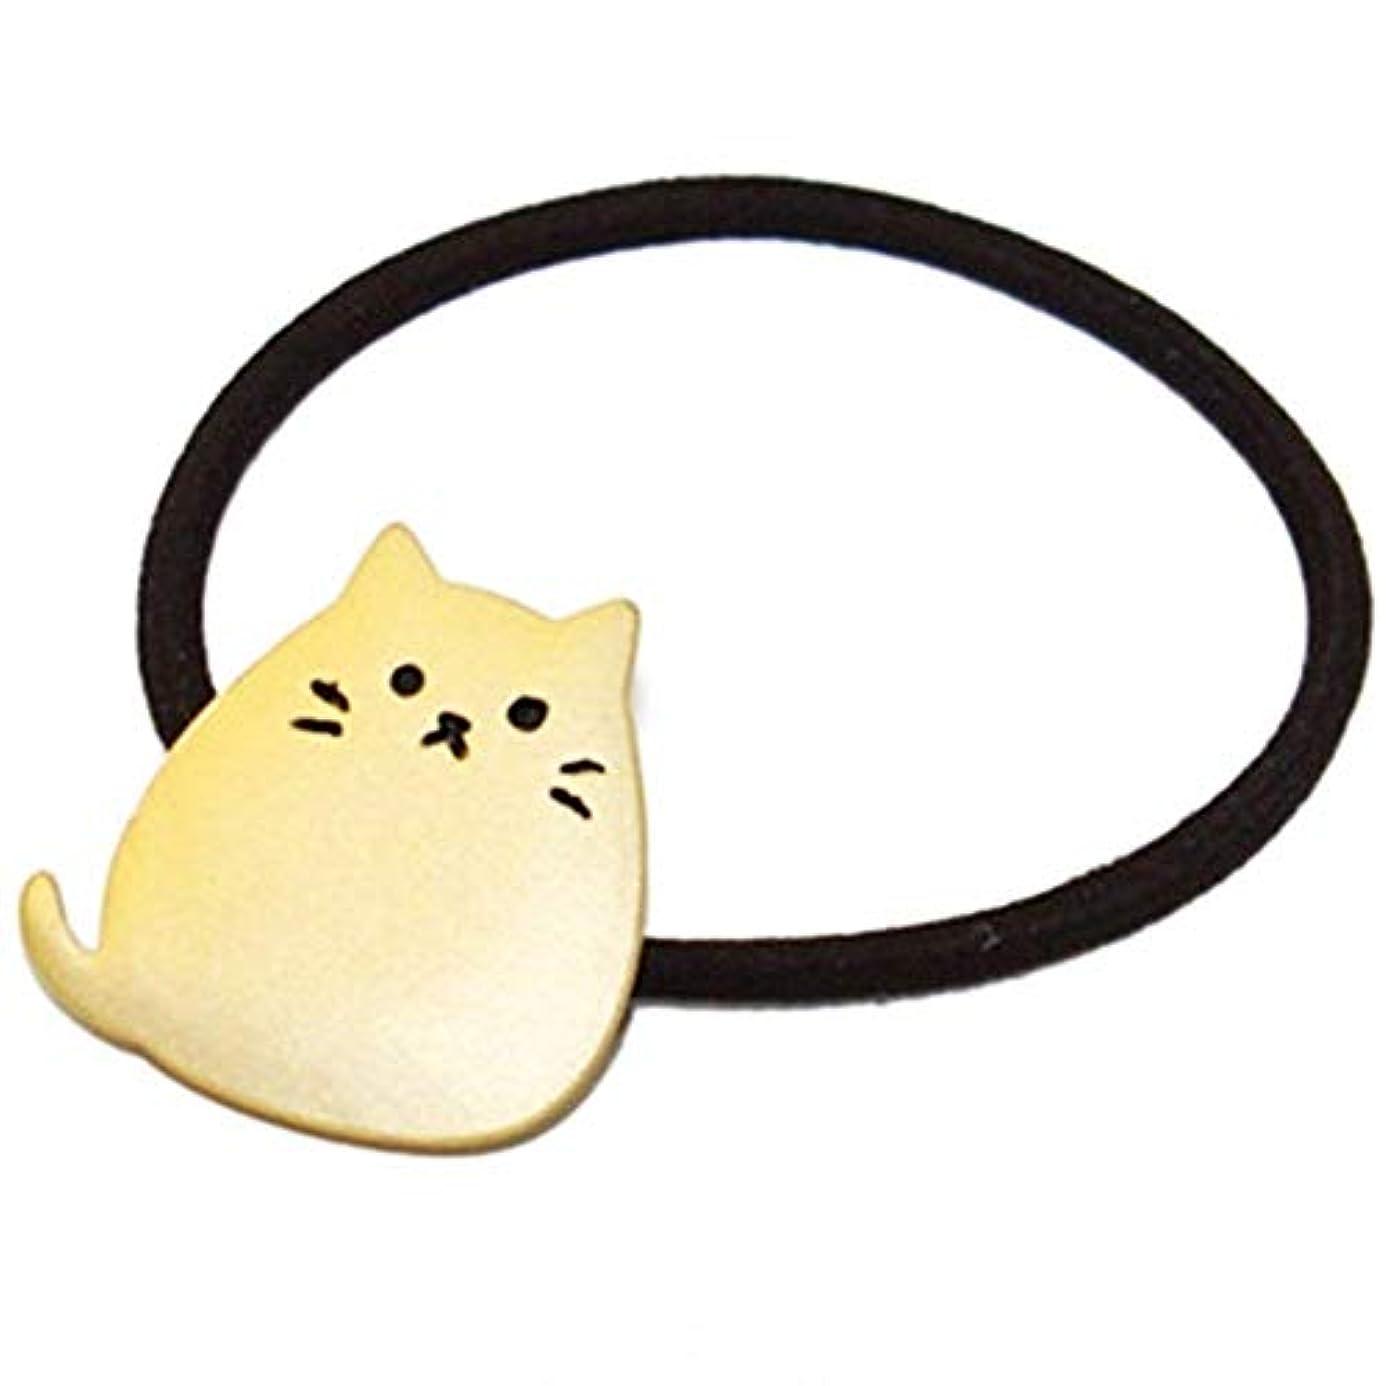 カイウスヒロイン光電Onior ヘアロープ 弾性 リボン 髪飾り ヘアネクタイ 猫形 金属 メッキ 1ピース ゴールデン